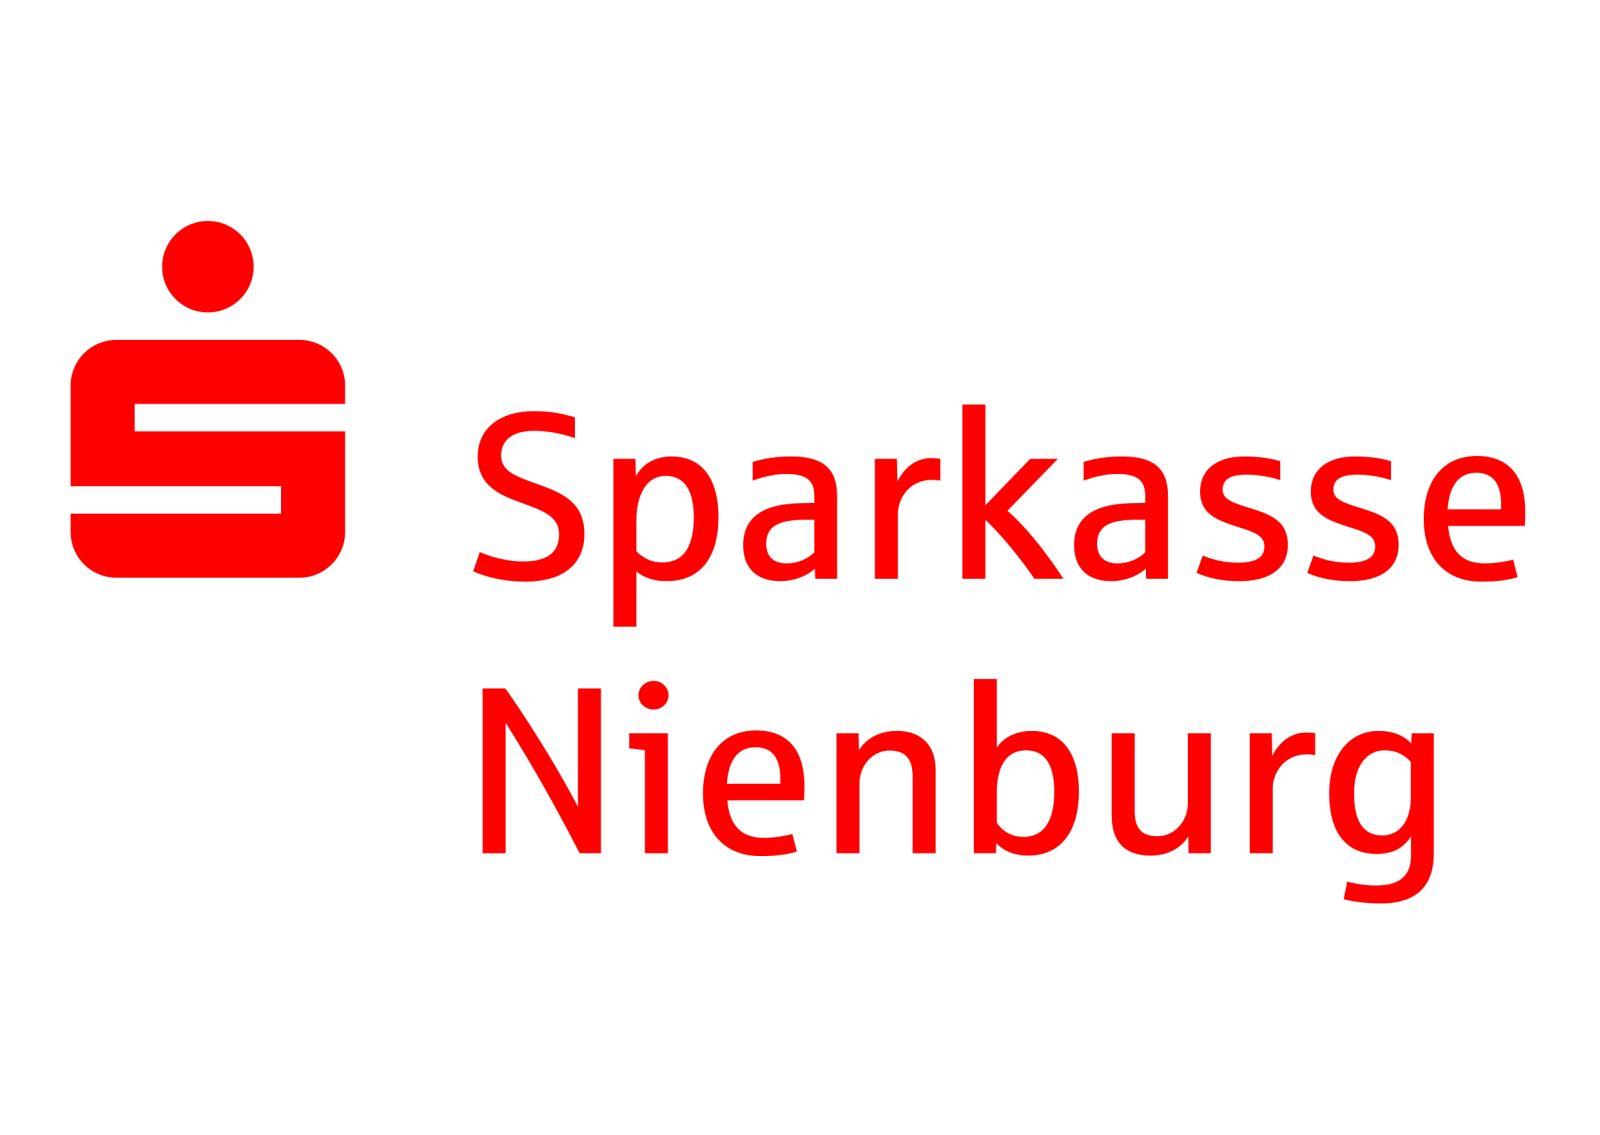 915139303_21510_logo_2013_sparkasse_nienburg_kleiner.jpg